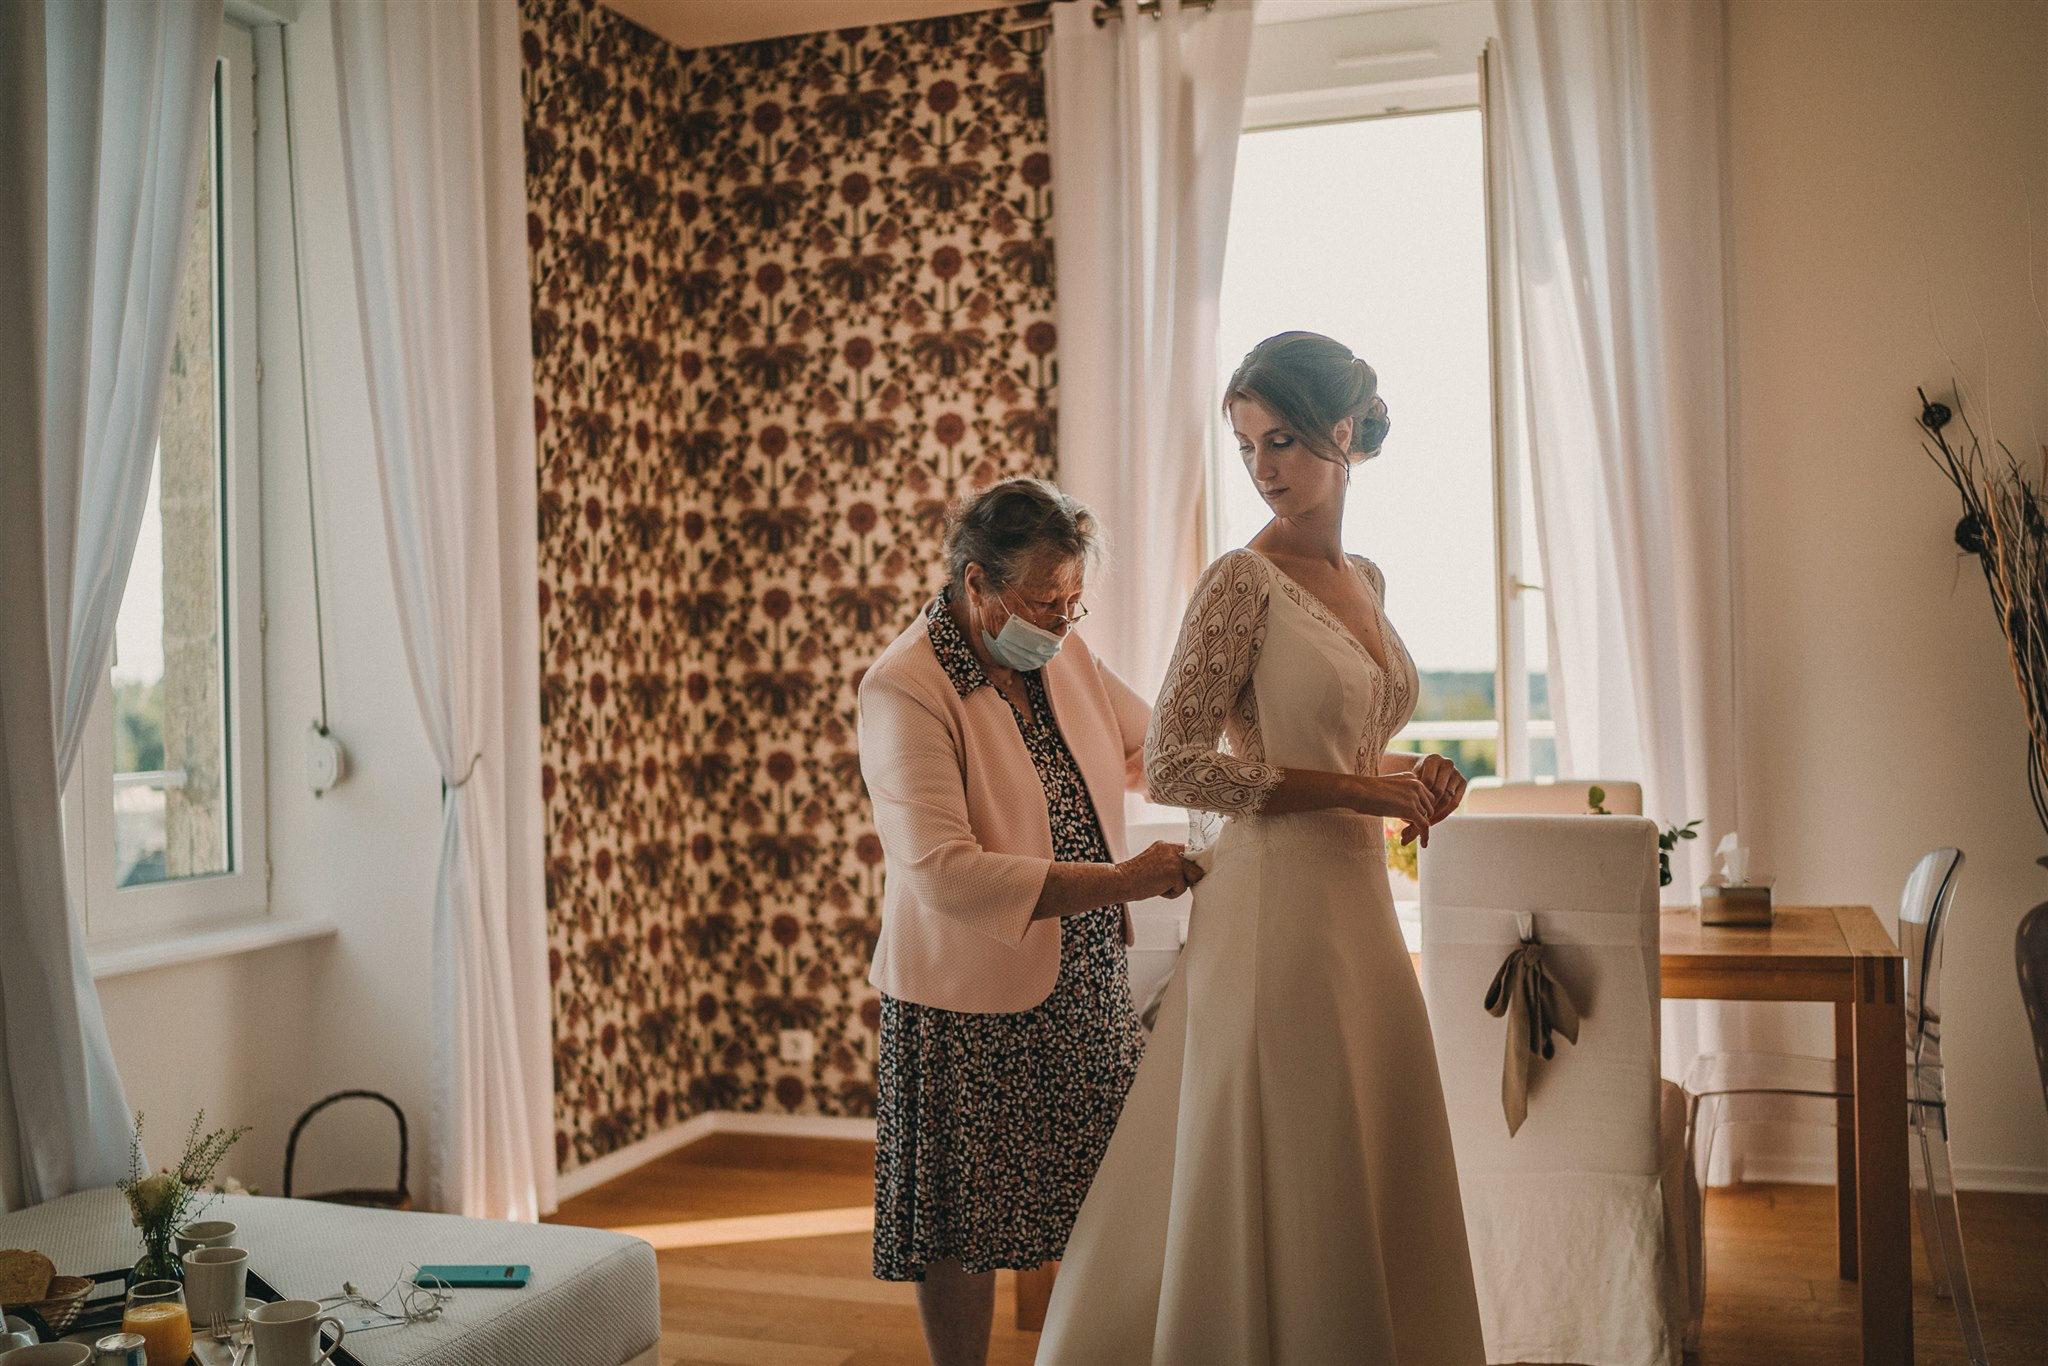 Elsa Yannick Photo De Mariage Au Manoir De Kerhuel À Plounéour Lanvern 20septembre12A7302145 Www.antoineborzeix.fr , Photographe & Videaste à Brest / Finistère